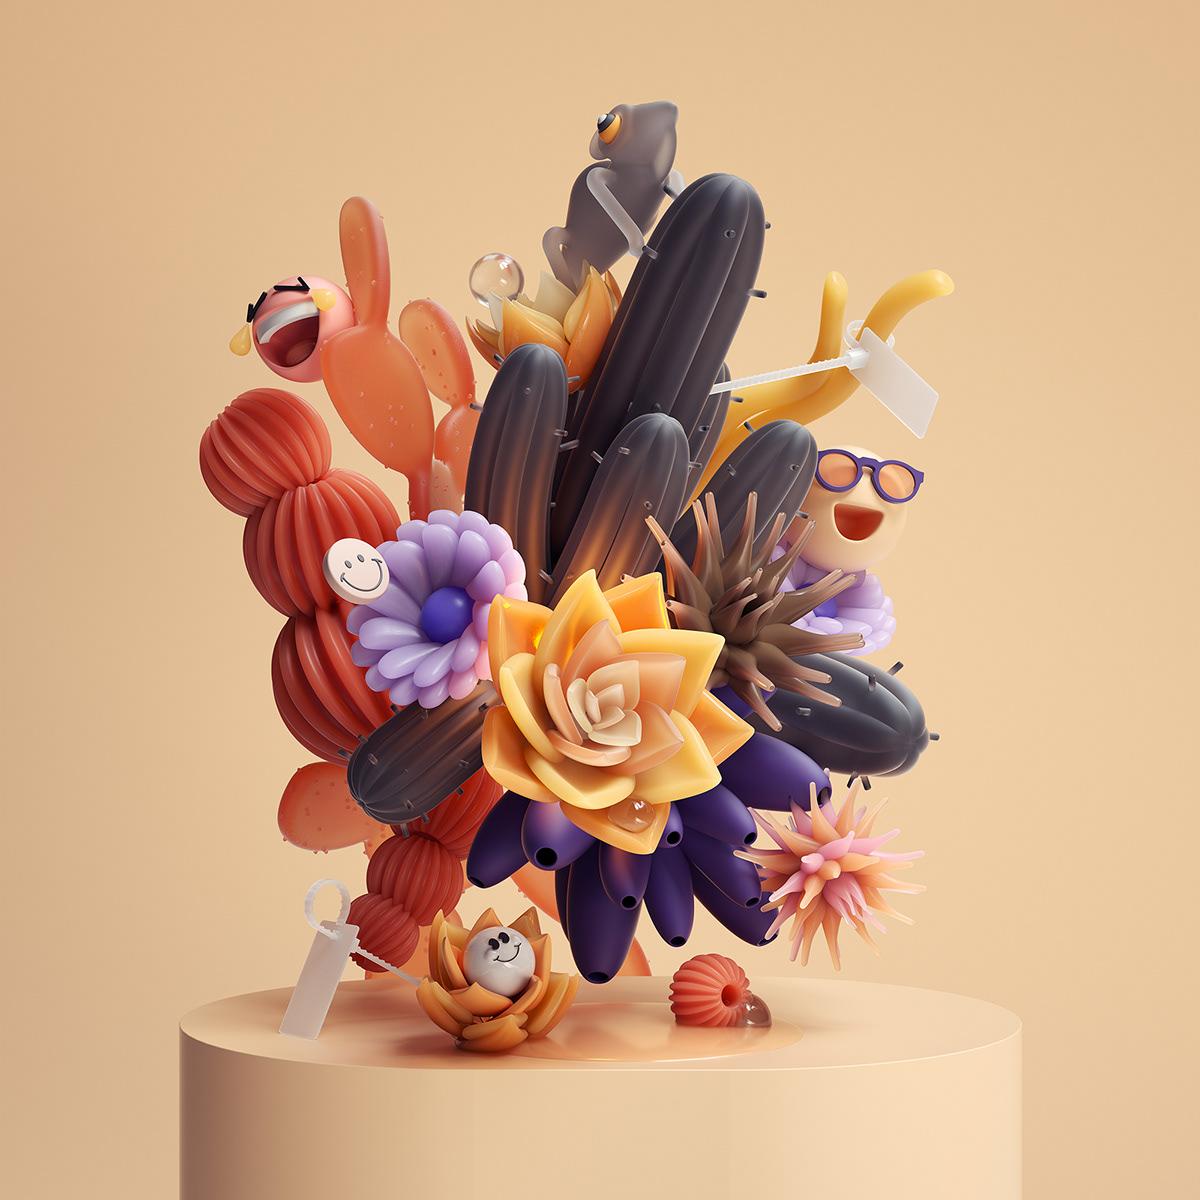 3D abstract cinema 4d composition design Digital Art  ILLUSTRATION  inspiration modern Octane Render